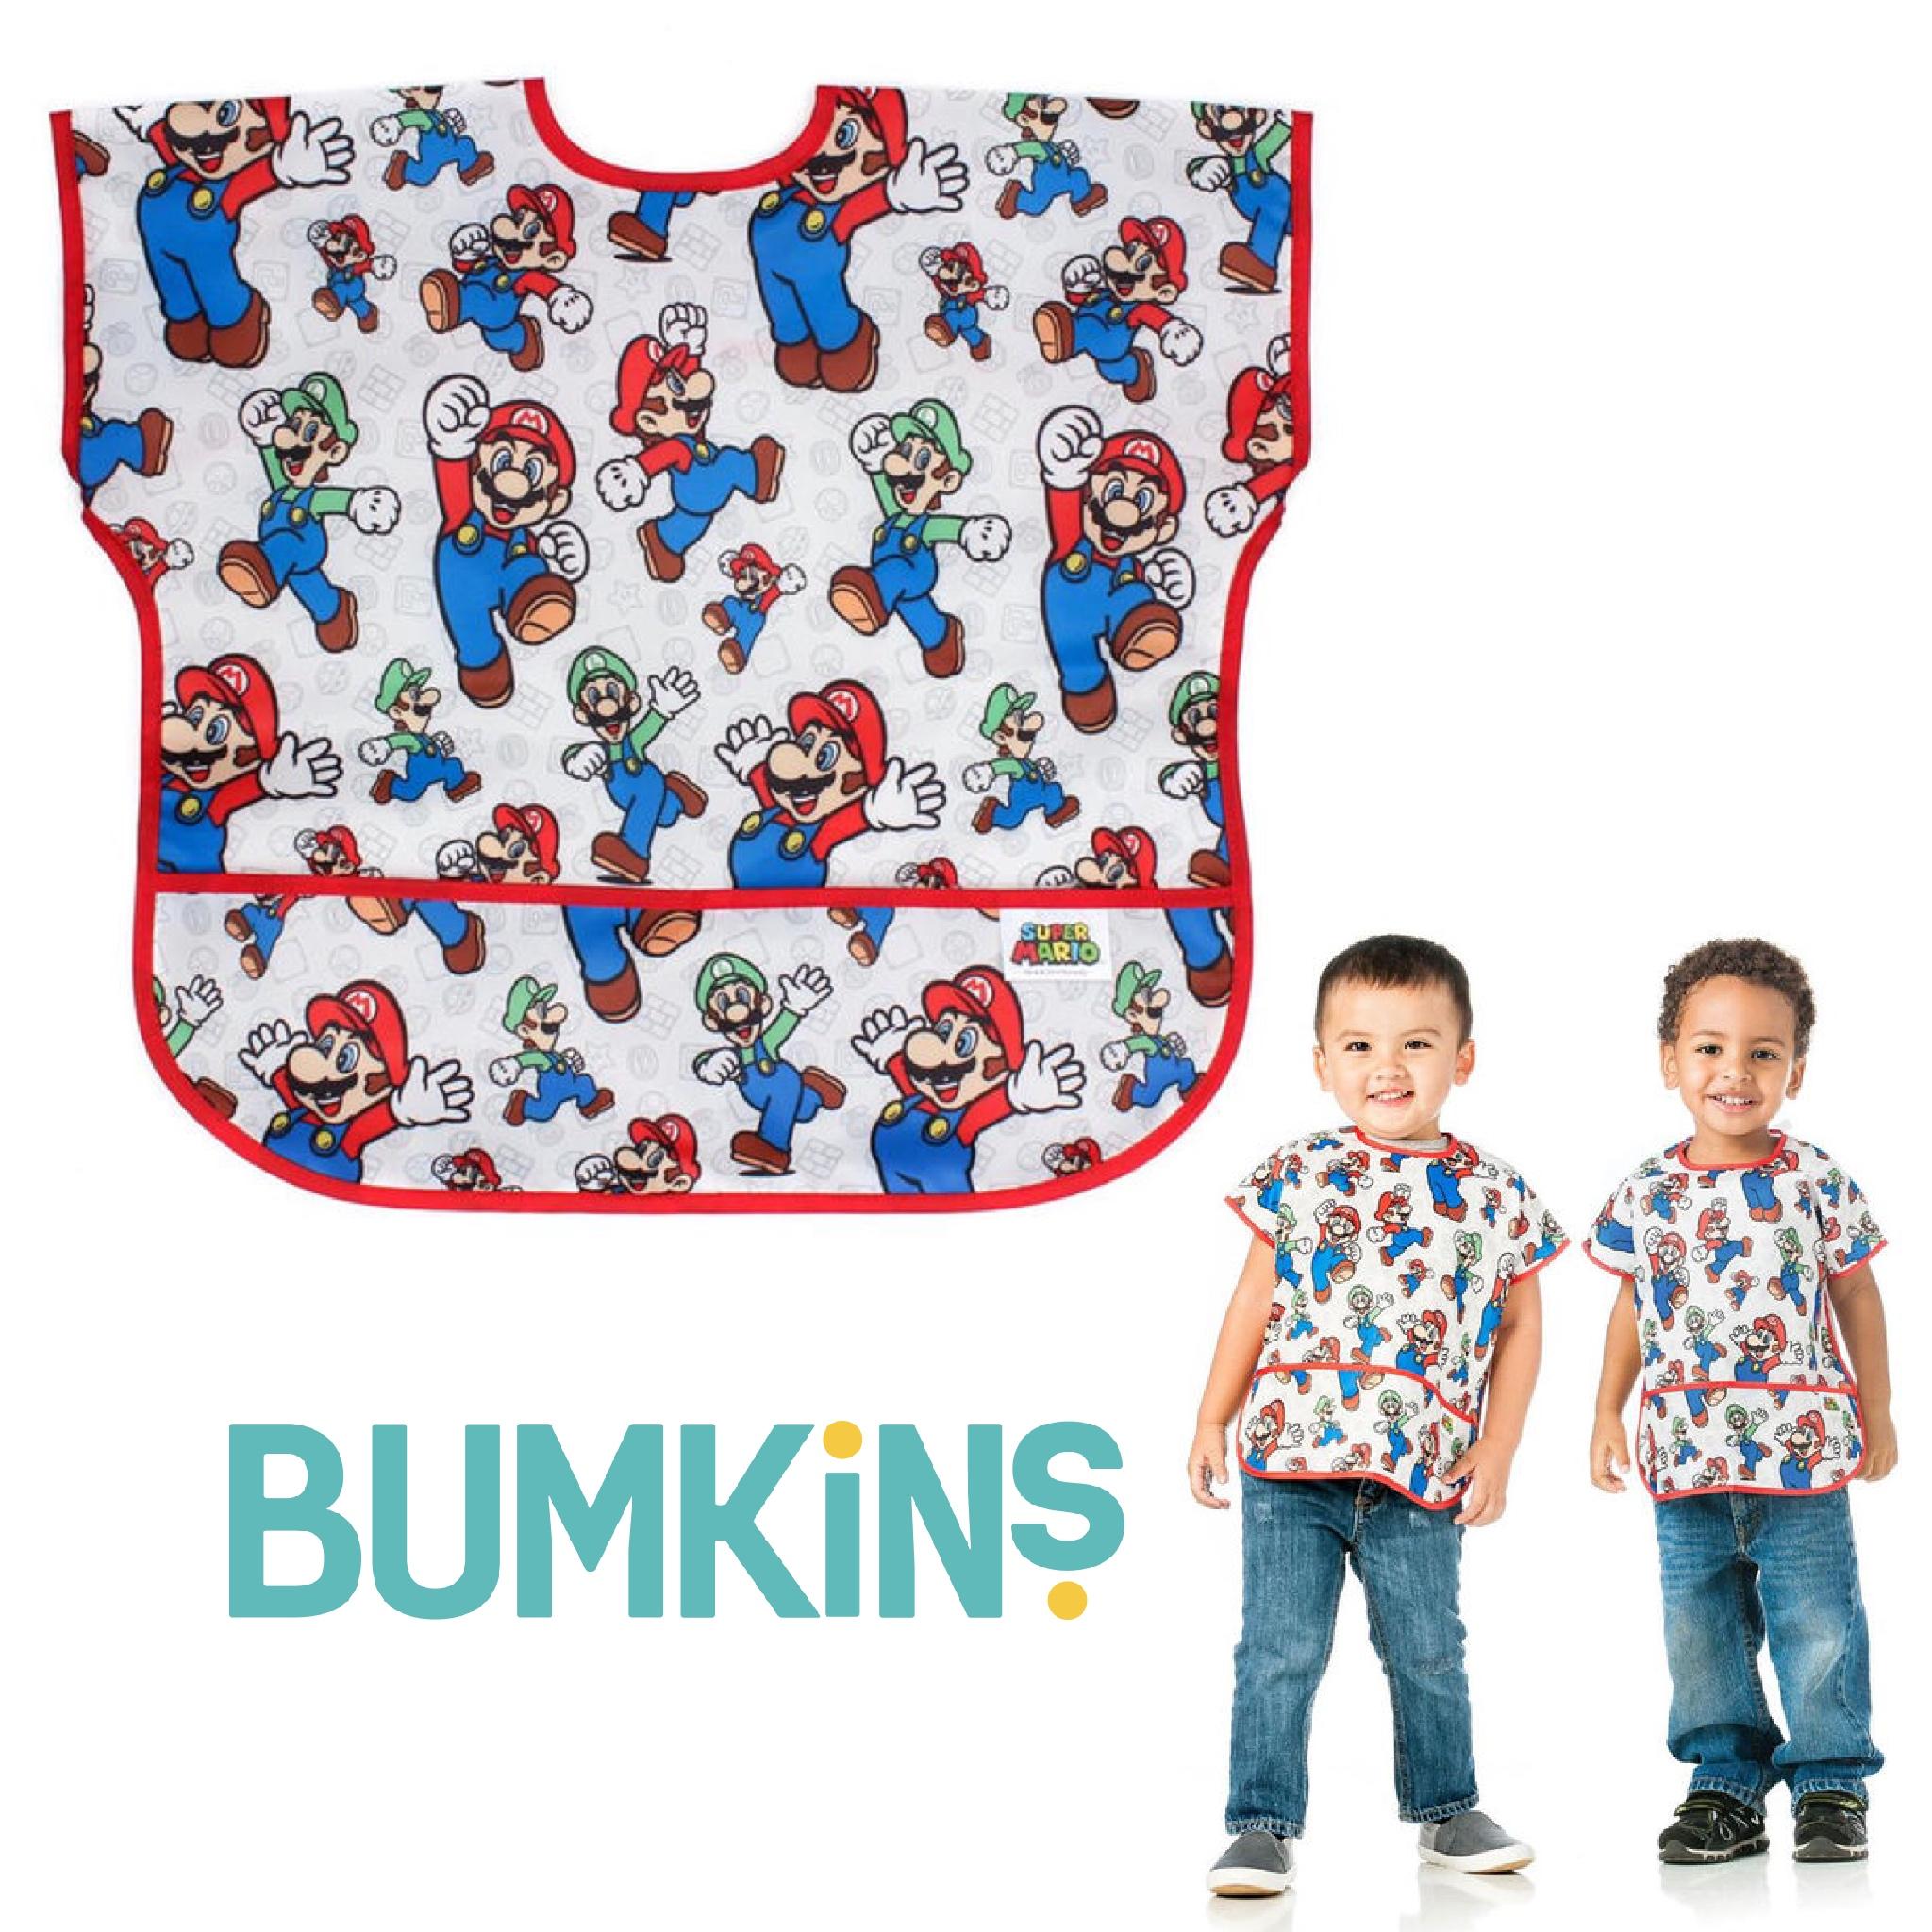 ผ้ากันเปื้อนปลอดสารพิษสำหรับเด็ก BUMKINS Nintendo Junior Bib (Super Mario & Luigi)